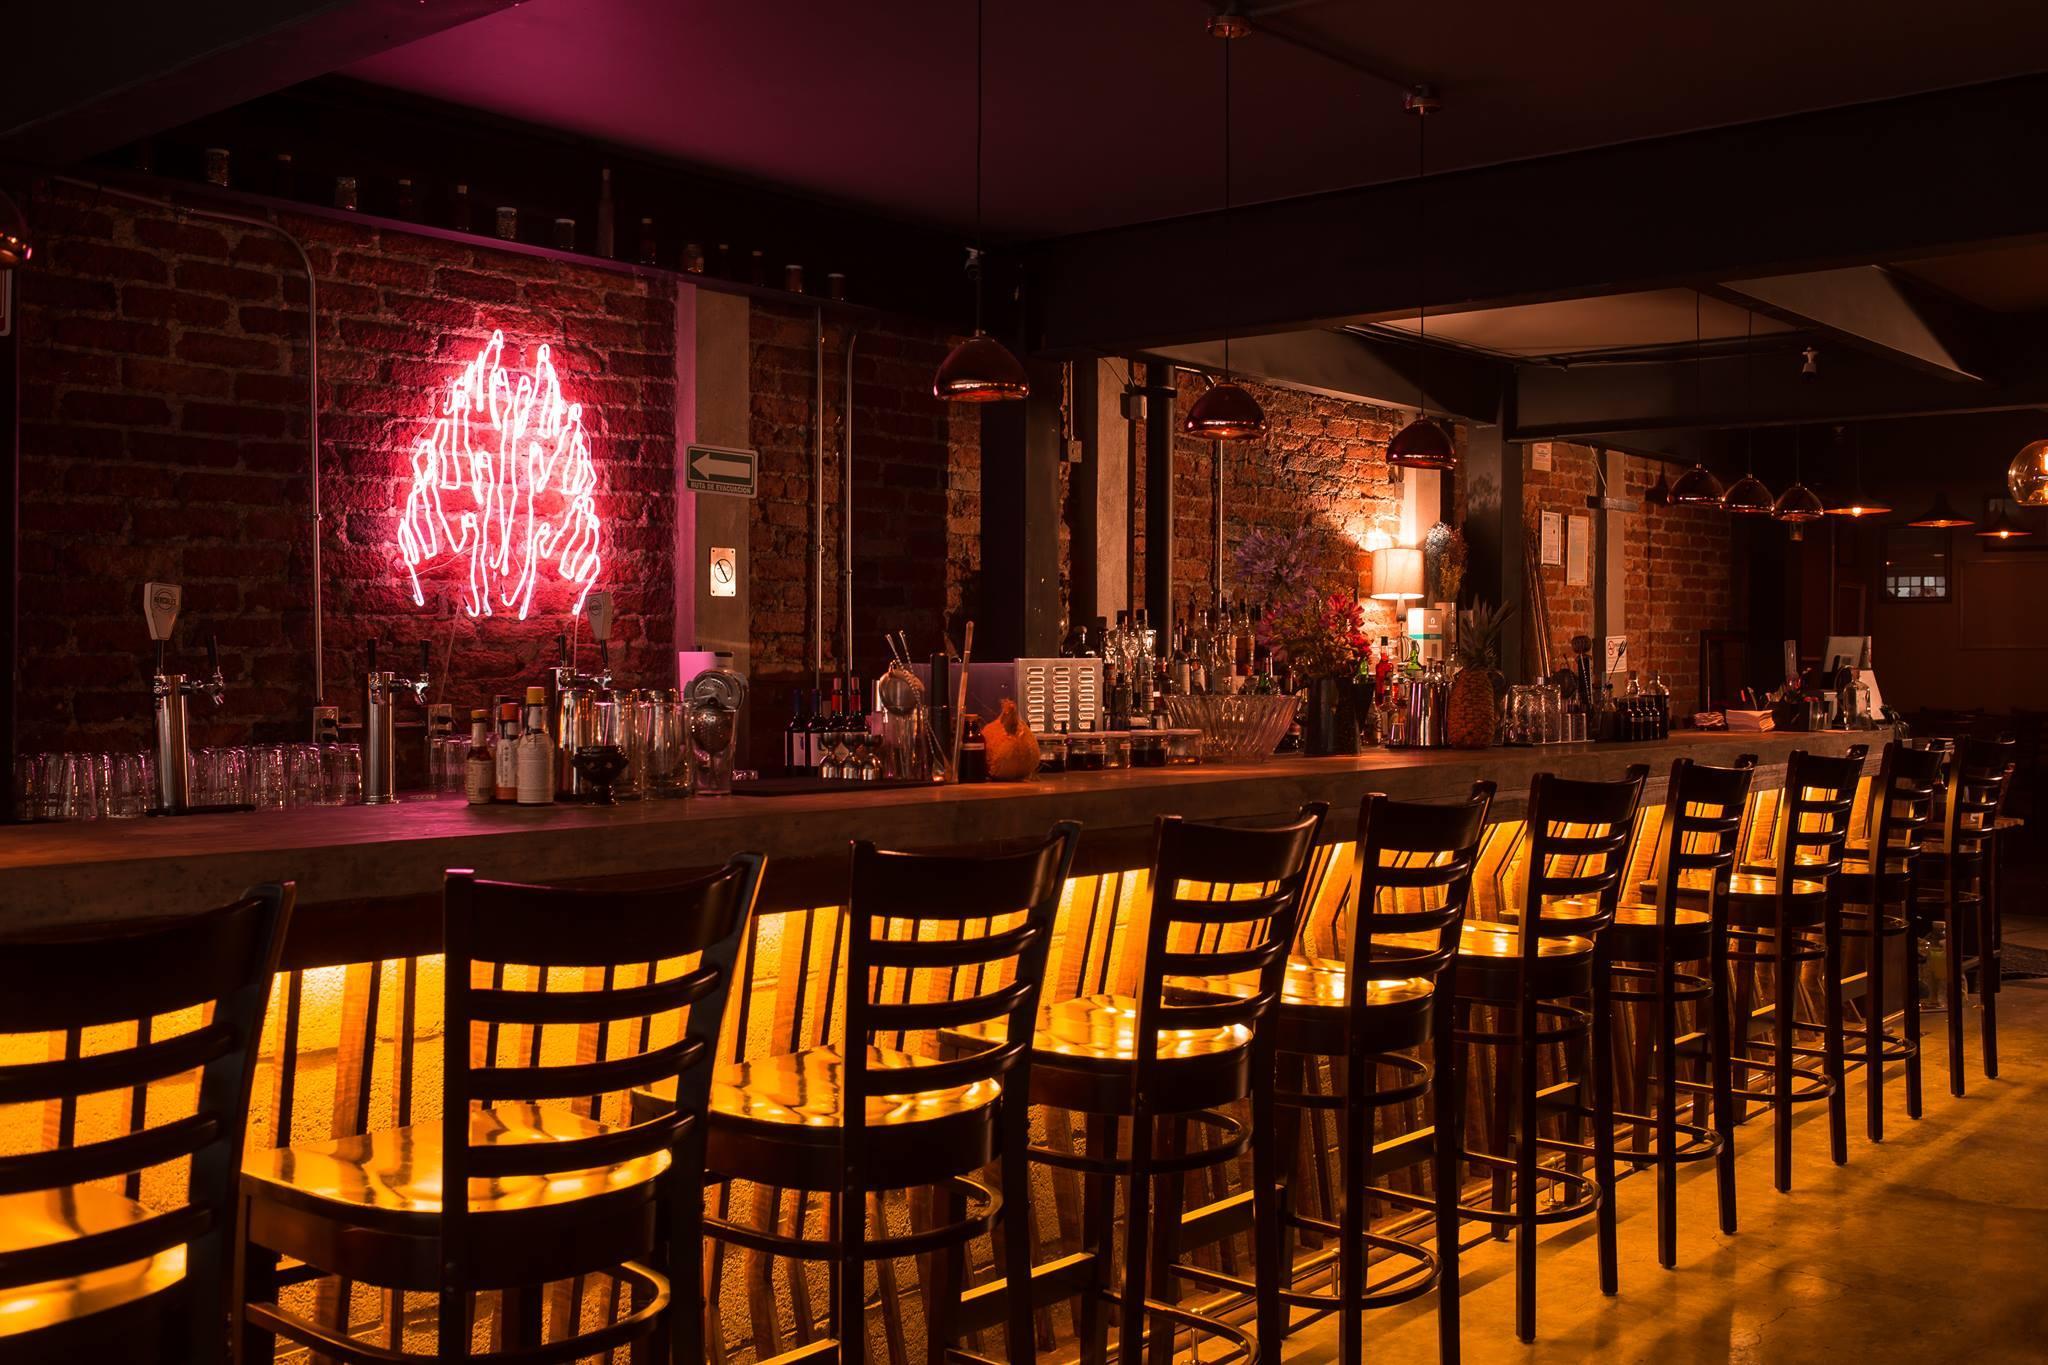 Pubs modernos trendy decoracion tematica bares cafe surf moderno original pubs retro vintage - Decoracion bares modernos ...